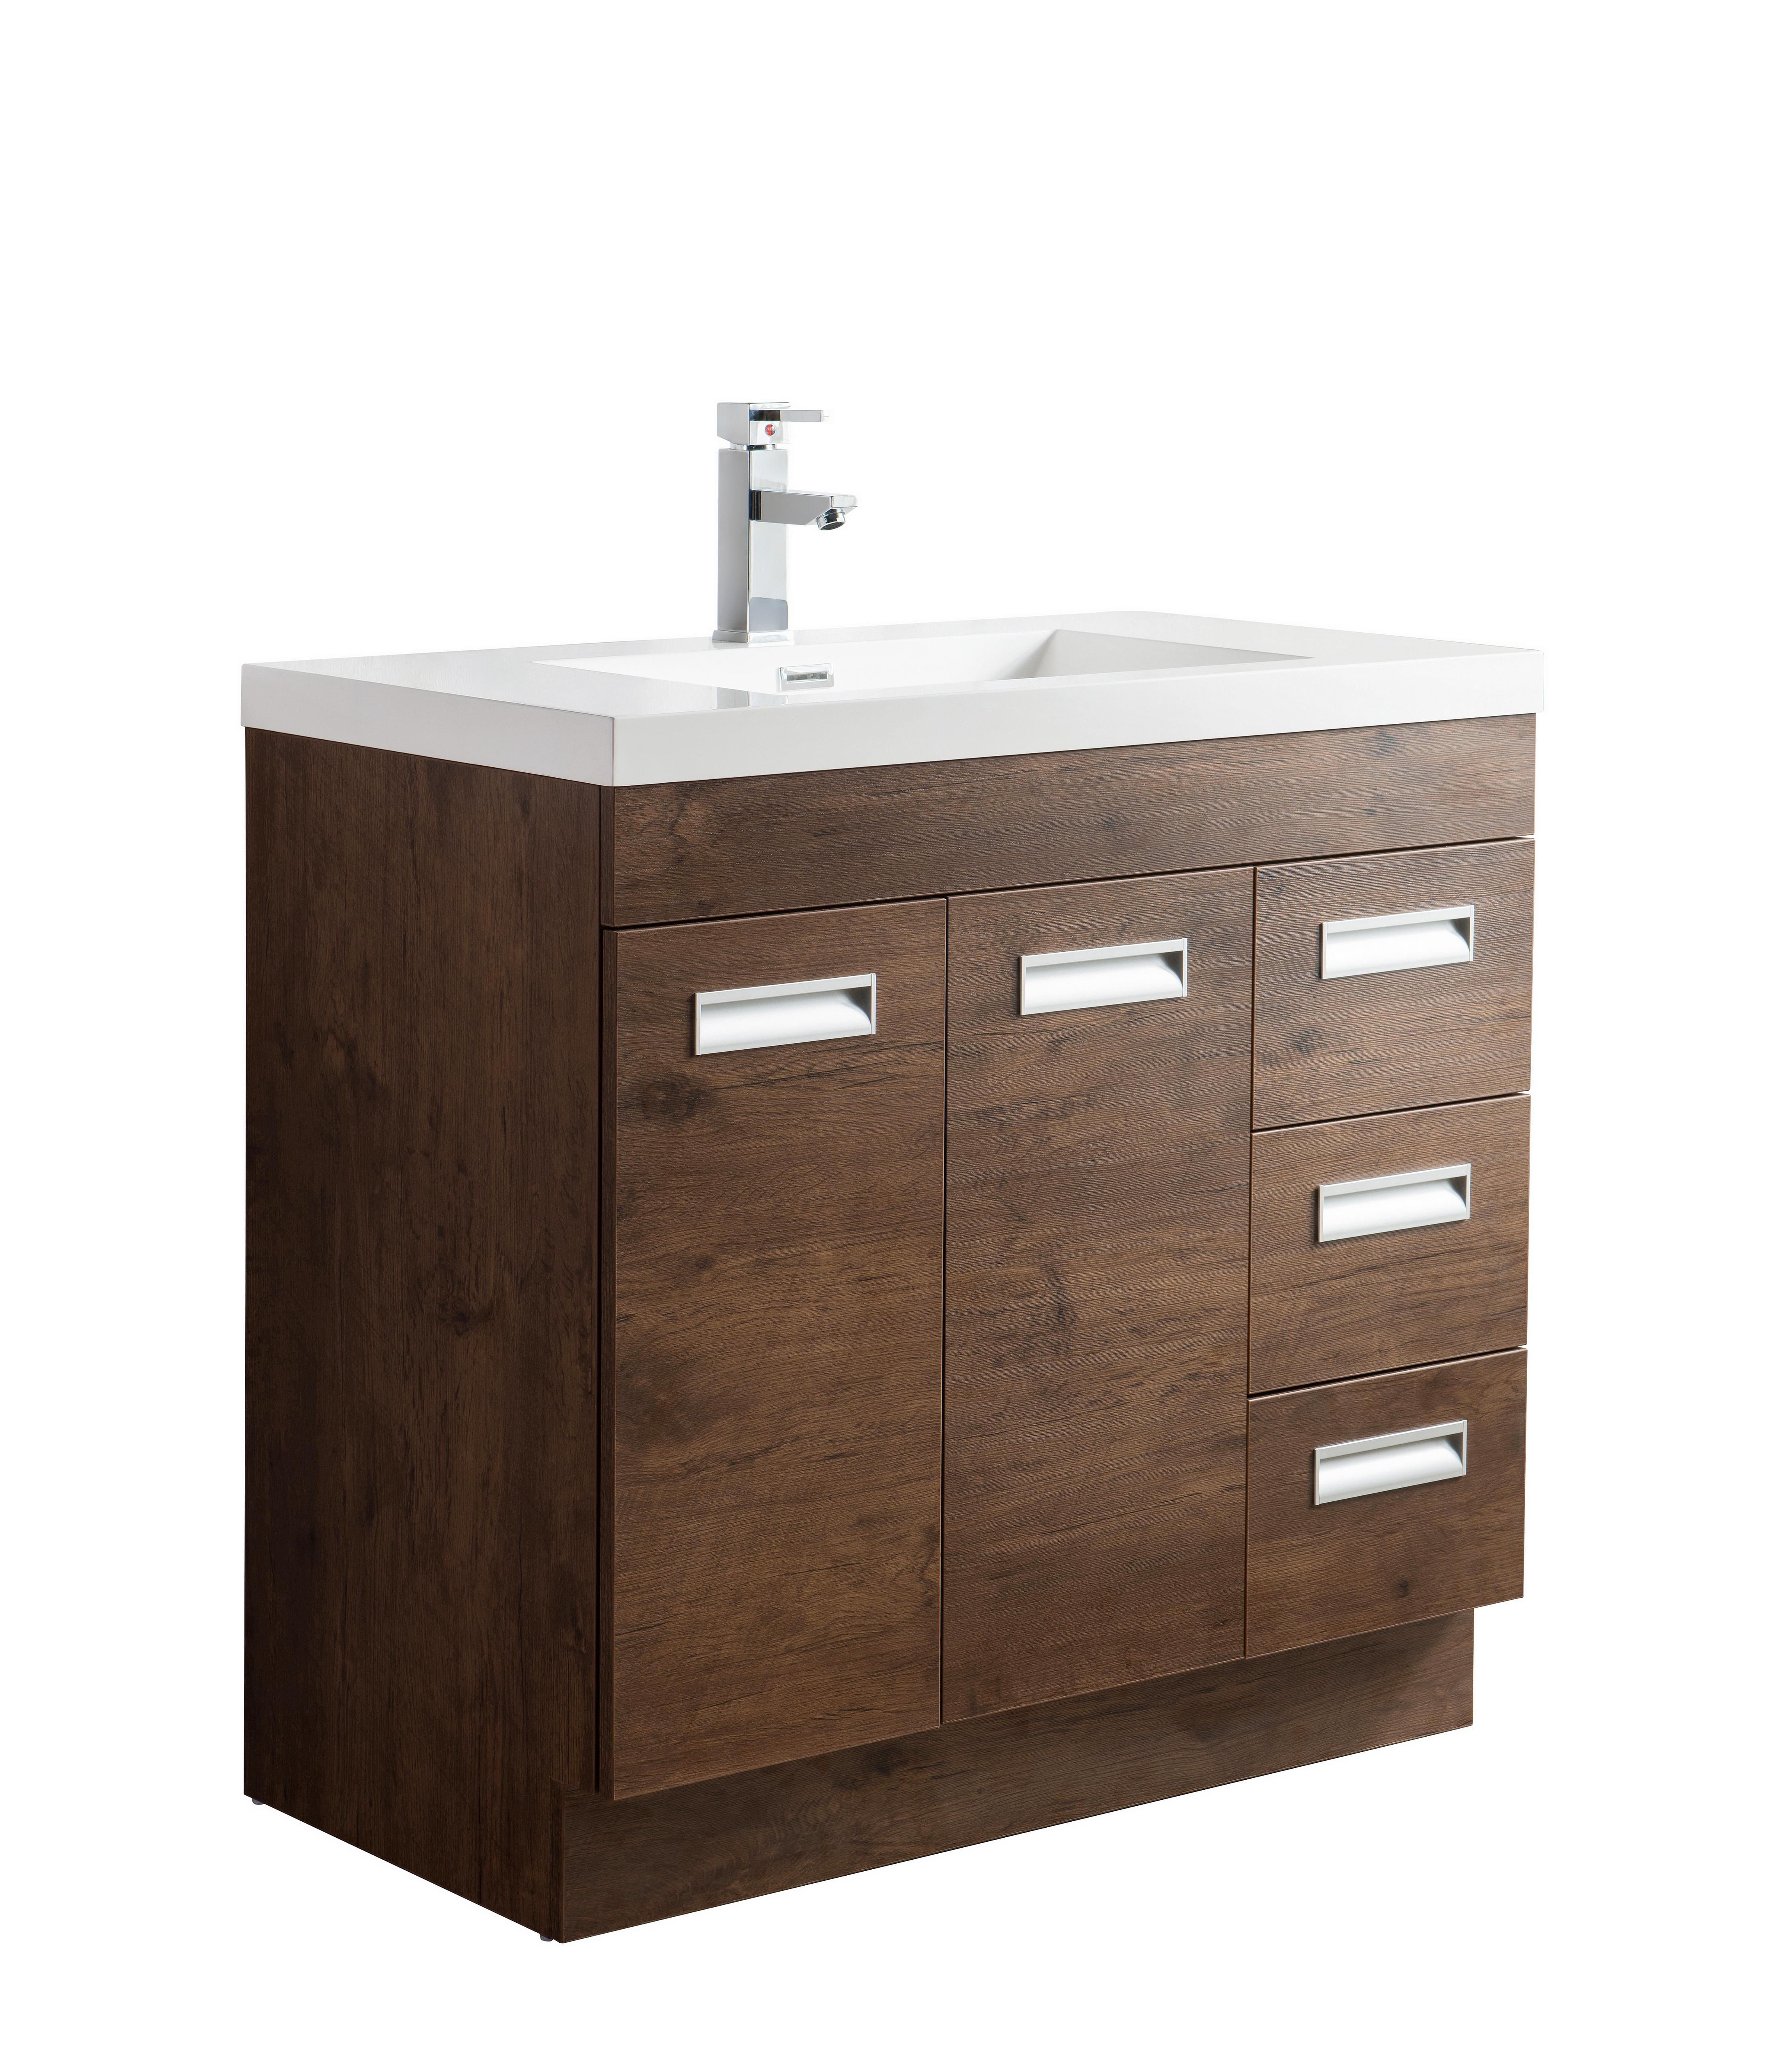 Alma 36 Free Standing Modern Bathroom Vanity With Drawers On Right Side Rosewood Los Angeles Vanity